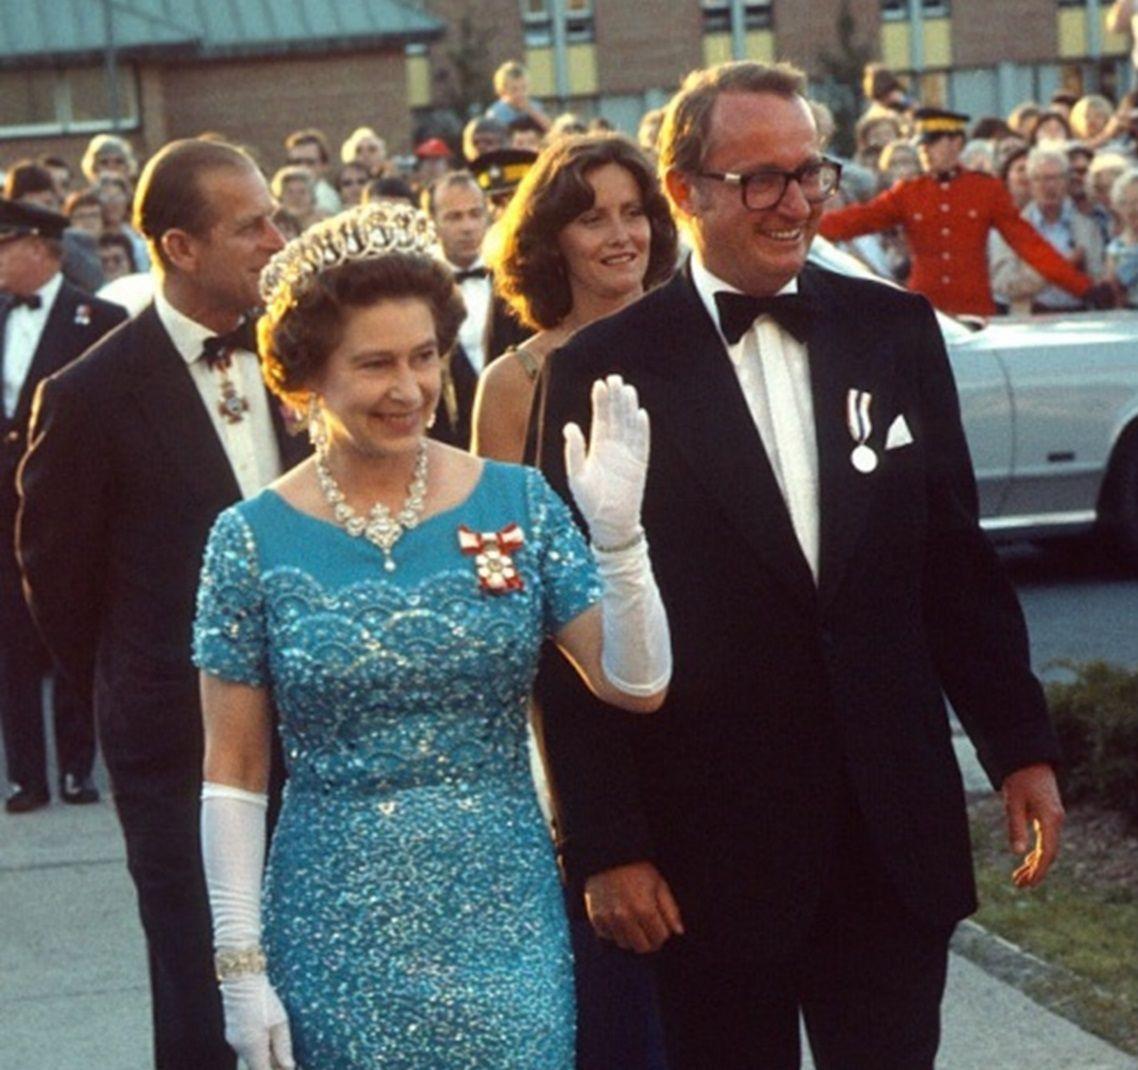 20 Genial Abendkleider Queen Elizabeth Stylish17 Coolste Abendkleider Queen Elizabeth Ärmel